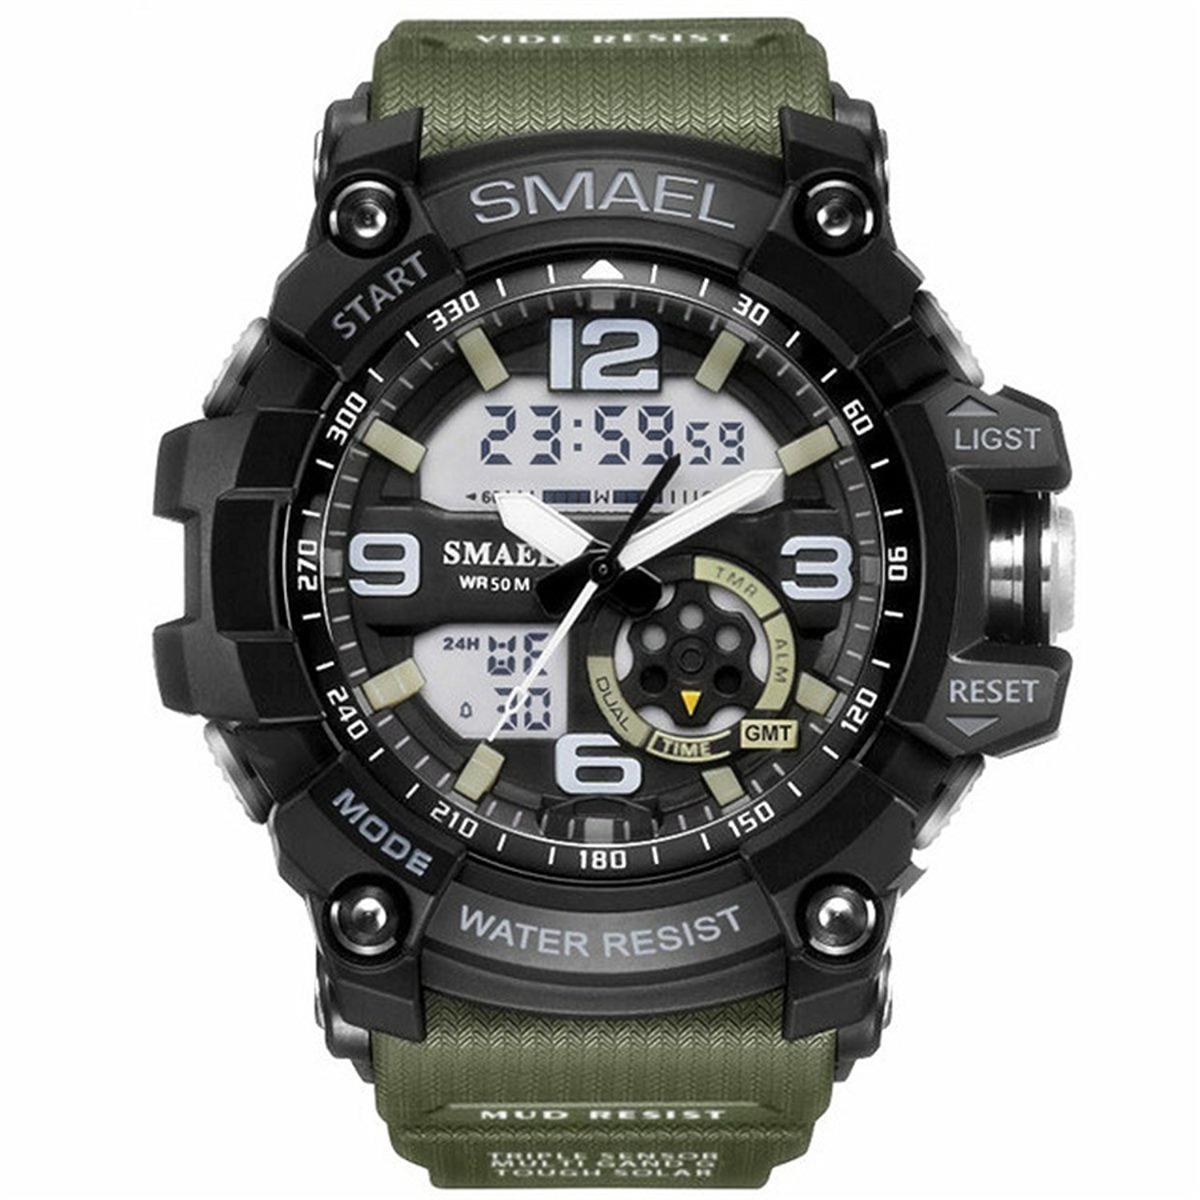 2b11f6450772 los hombres relojes deportivos militares reloj fecha cronóme. Cargando zoom.